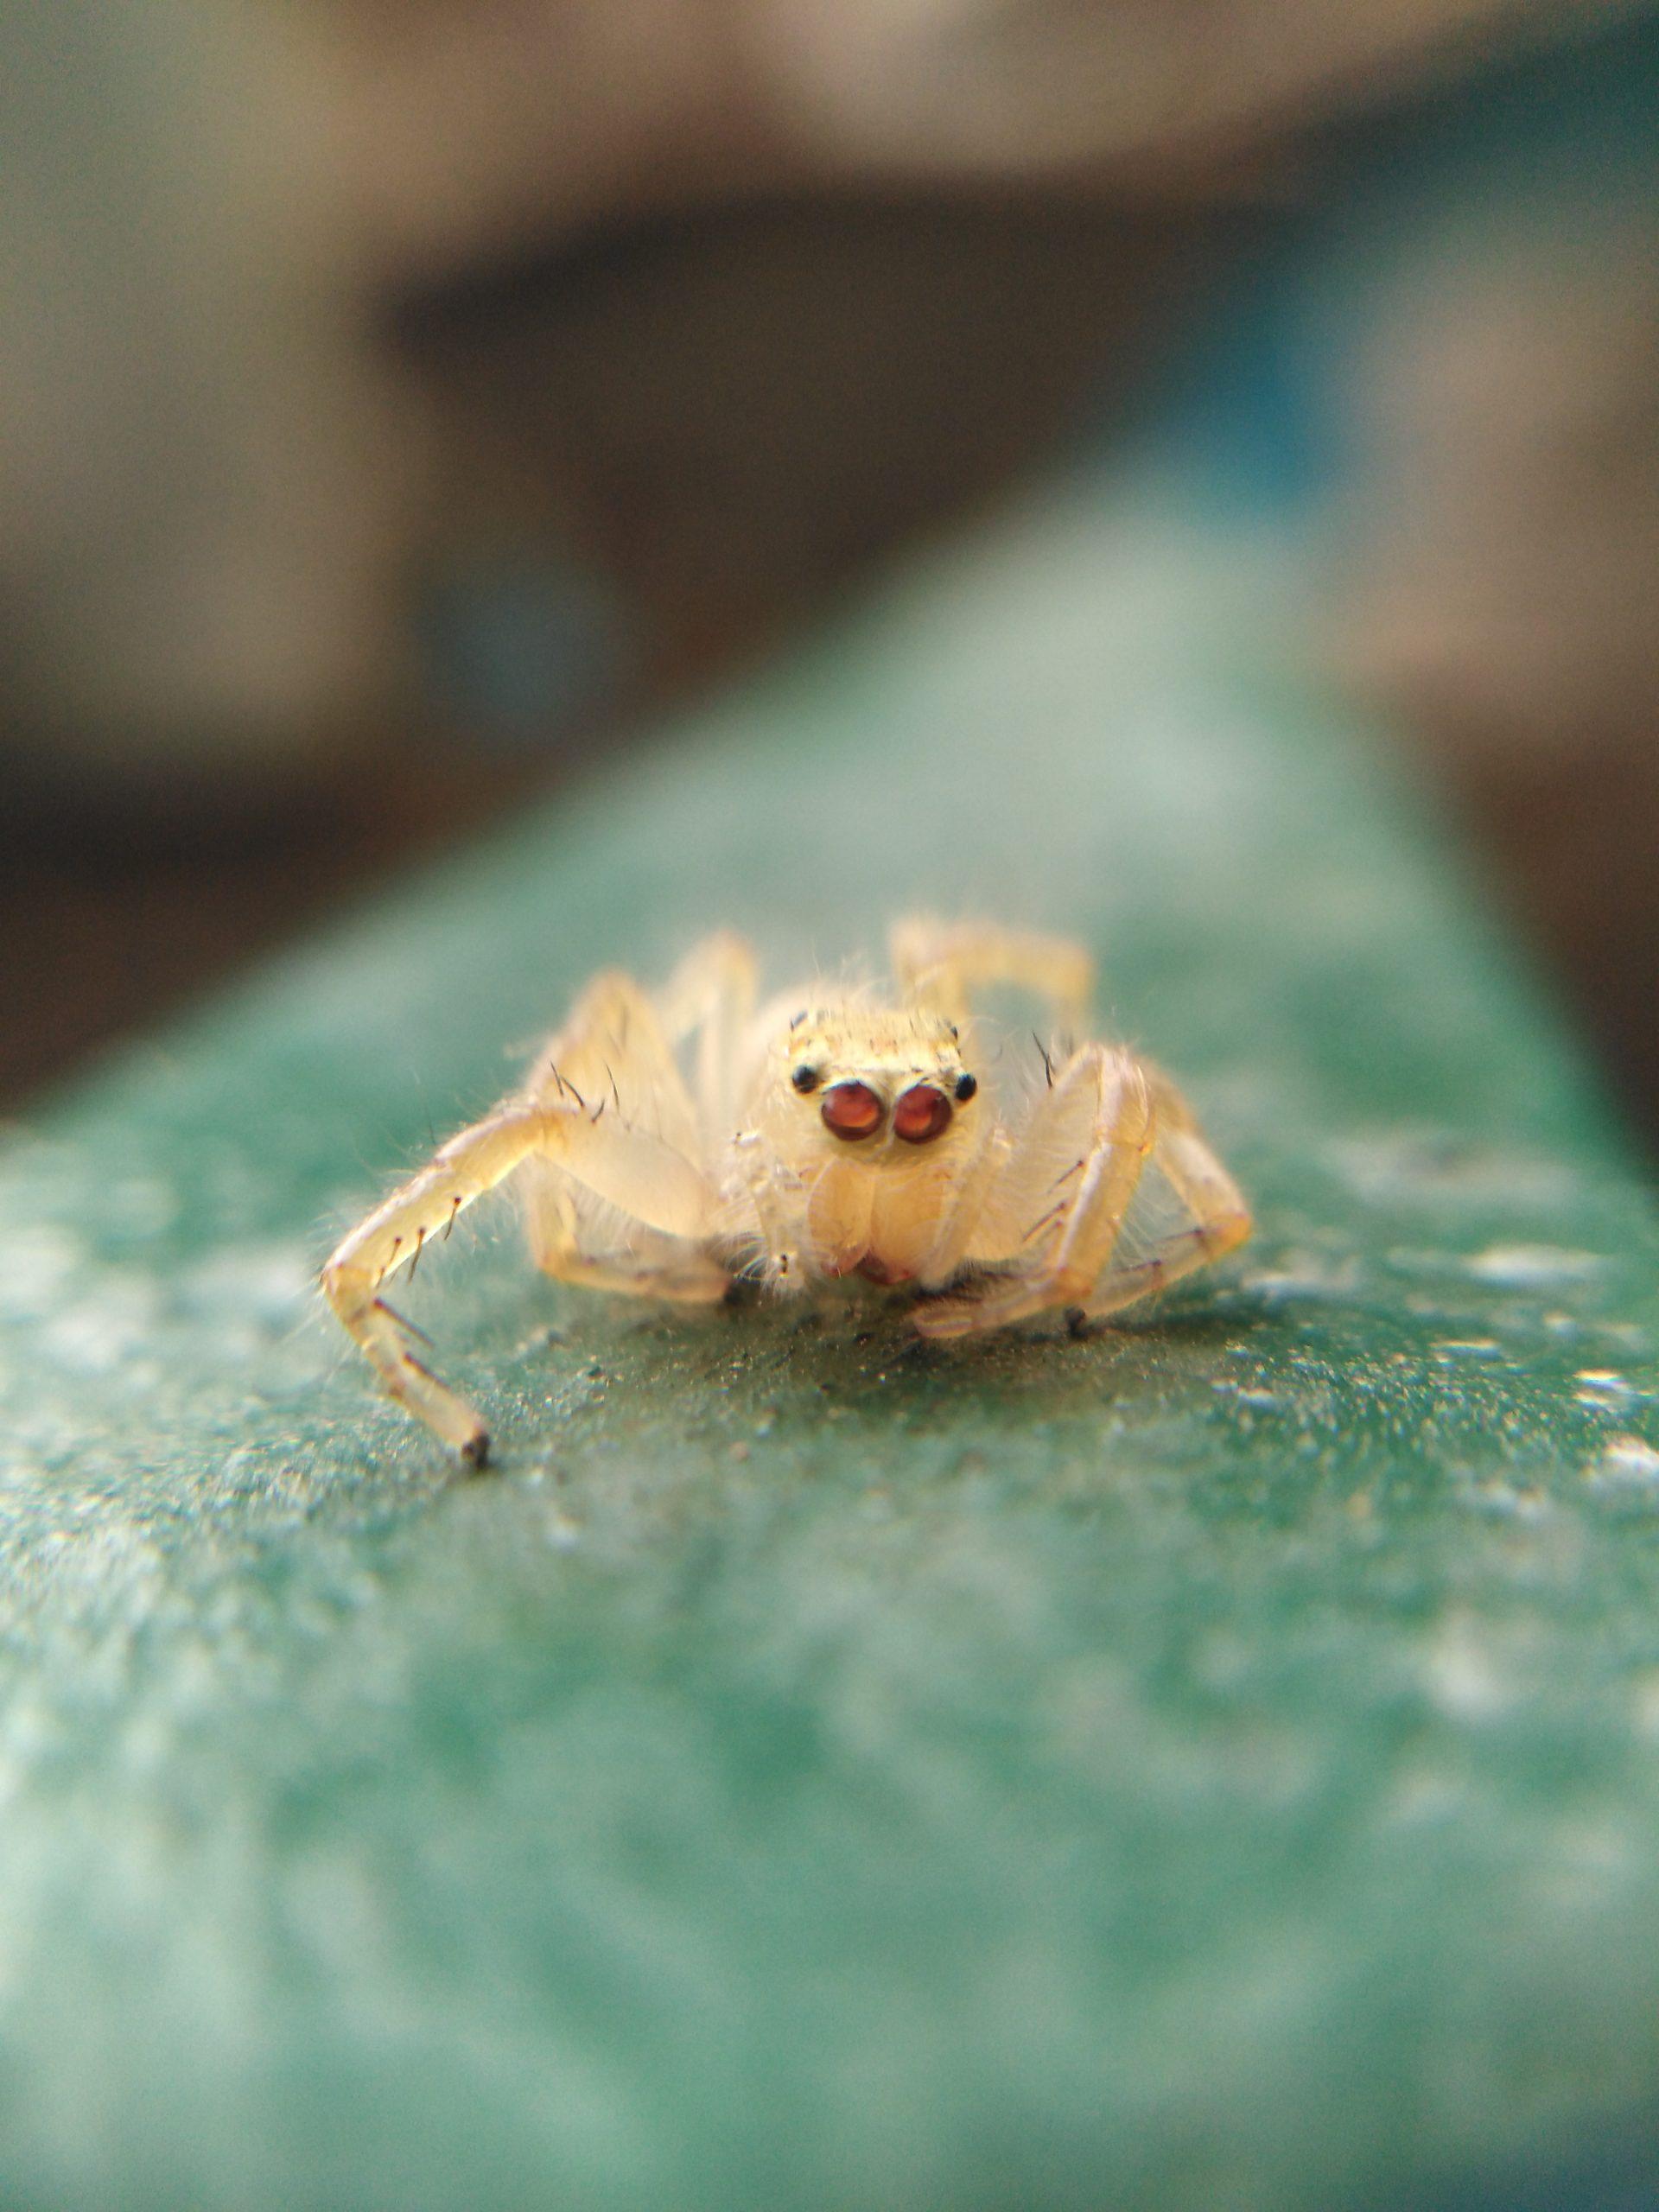 Spider on plant leaf